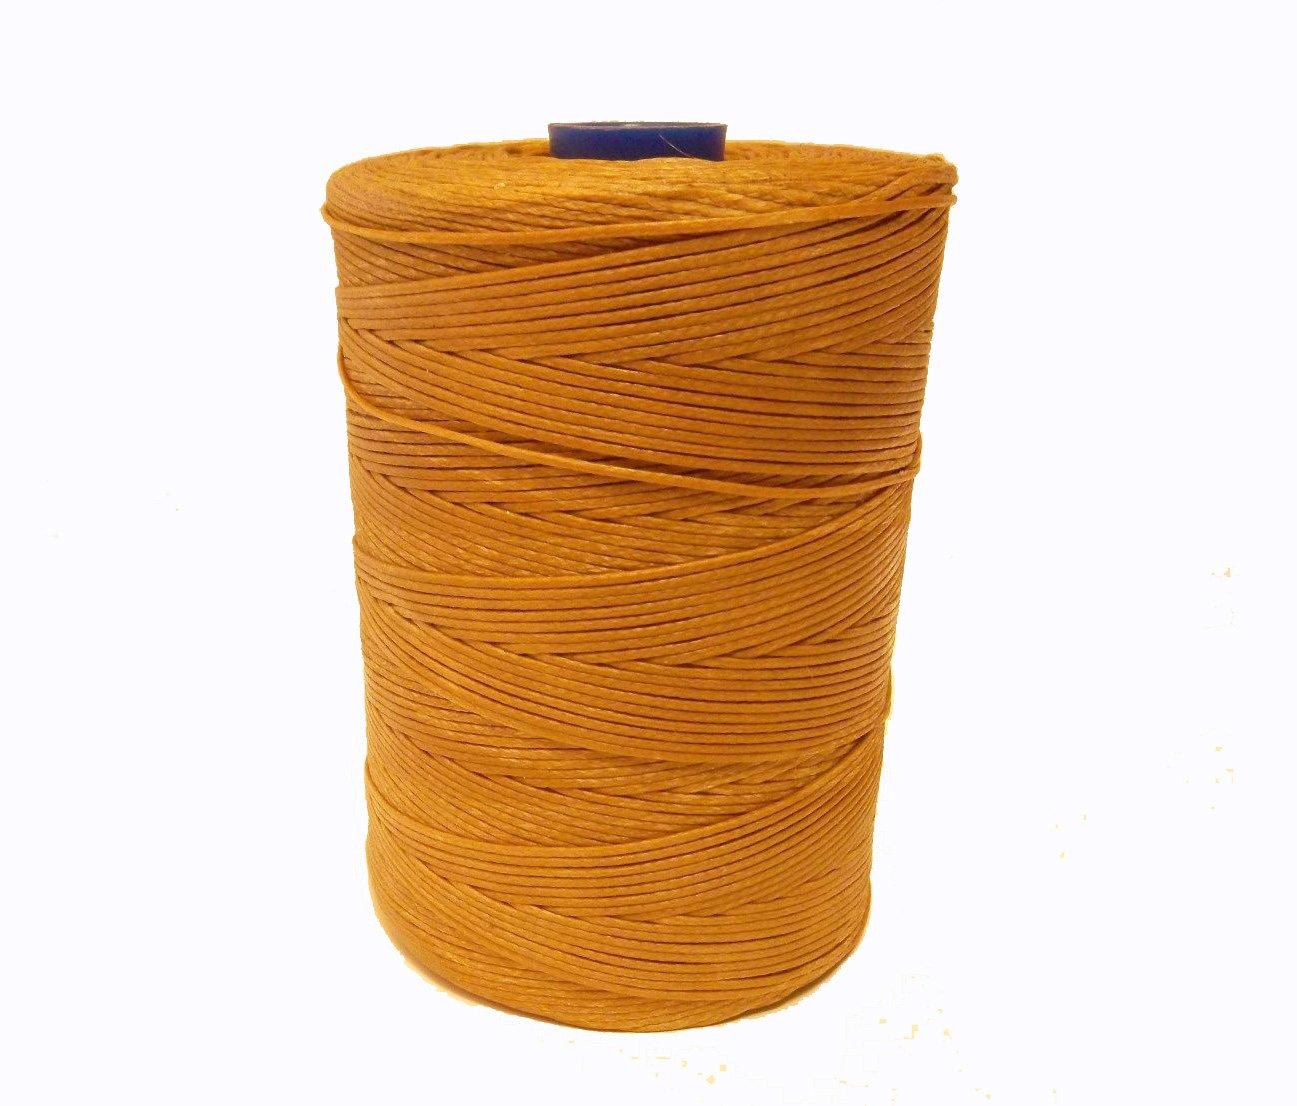 Perlin - 10m Wachsband 1mm Sattlergarn Braun Geflochtet 100% Polyester Forellenfäden Nähen Handwerk C299 x2